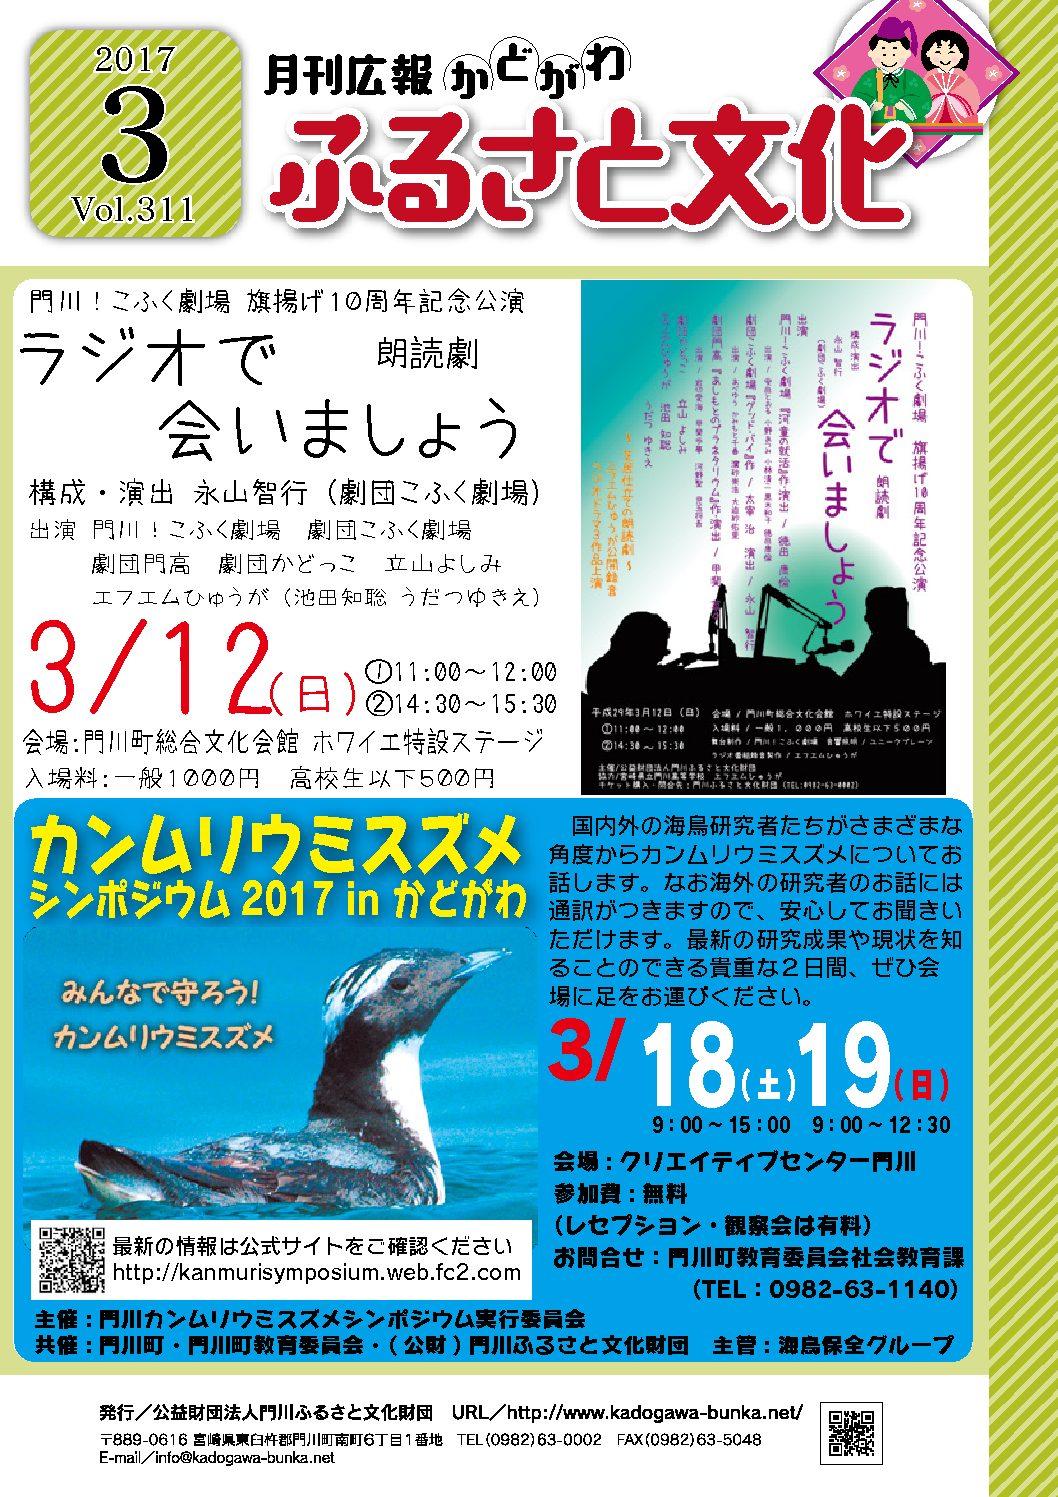 広報誌「ふるさと文化」3月号